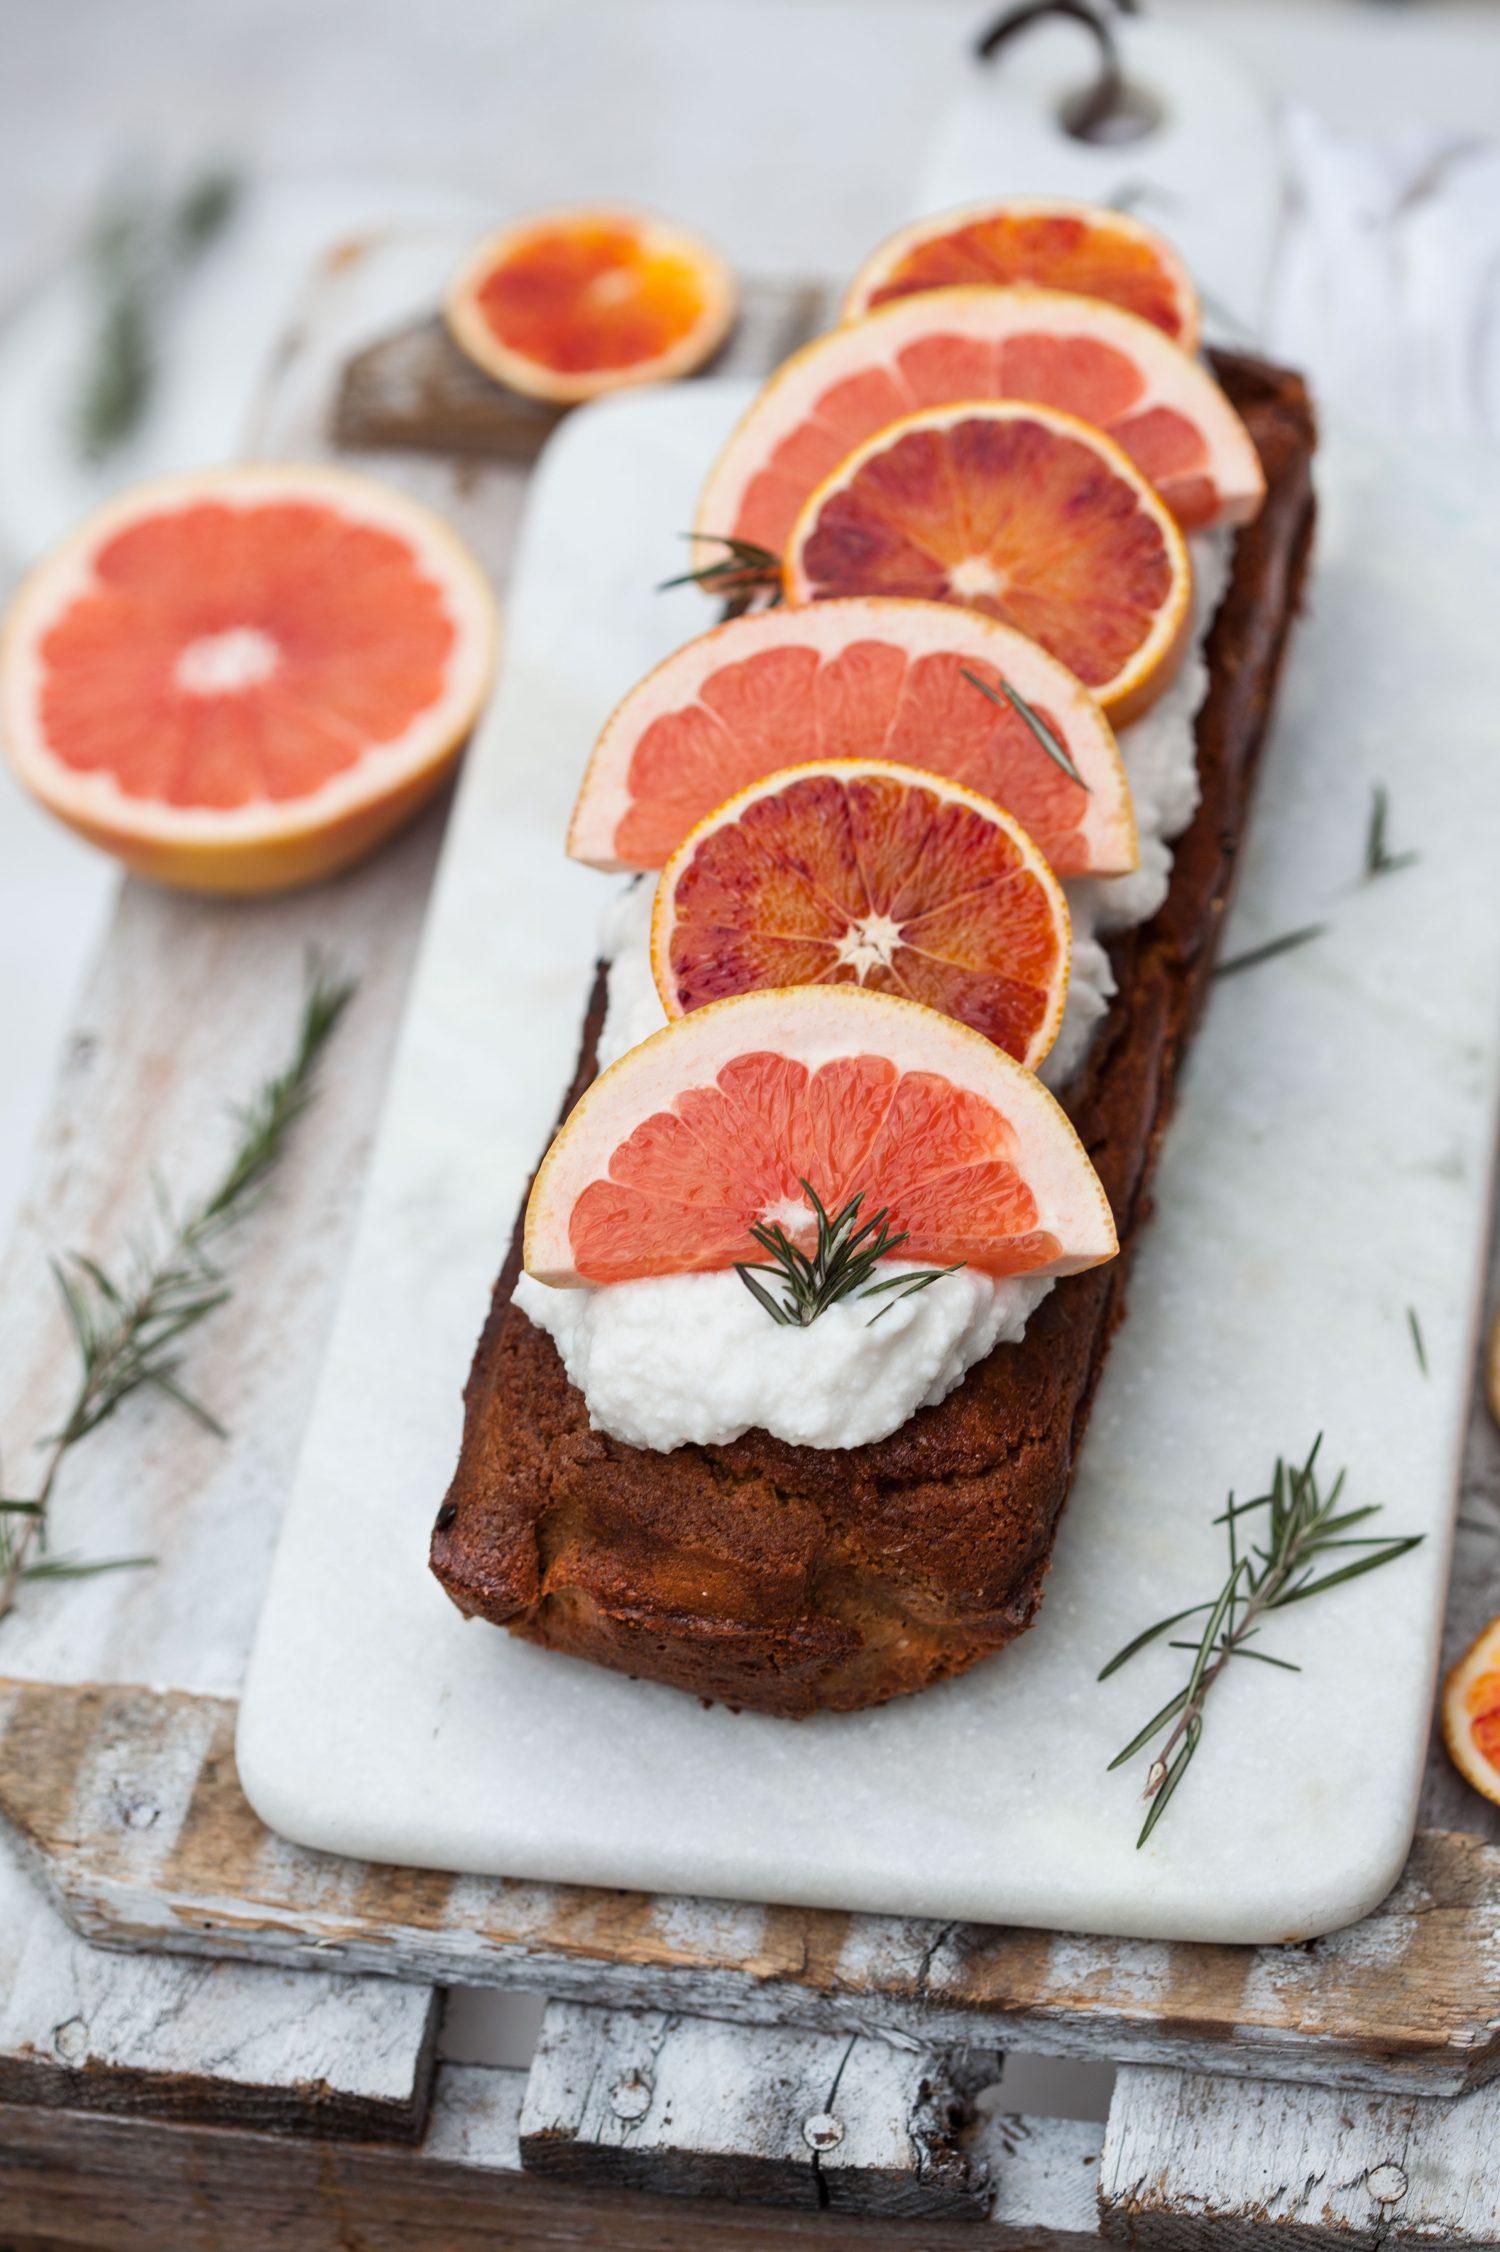 Kindred Spirit & Grapefruit Cake